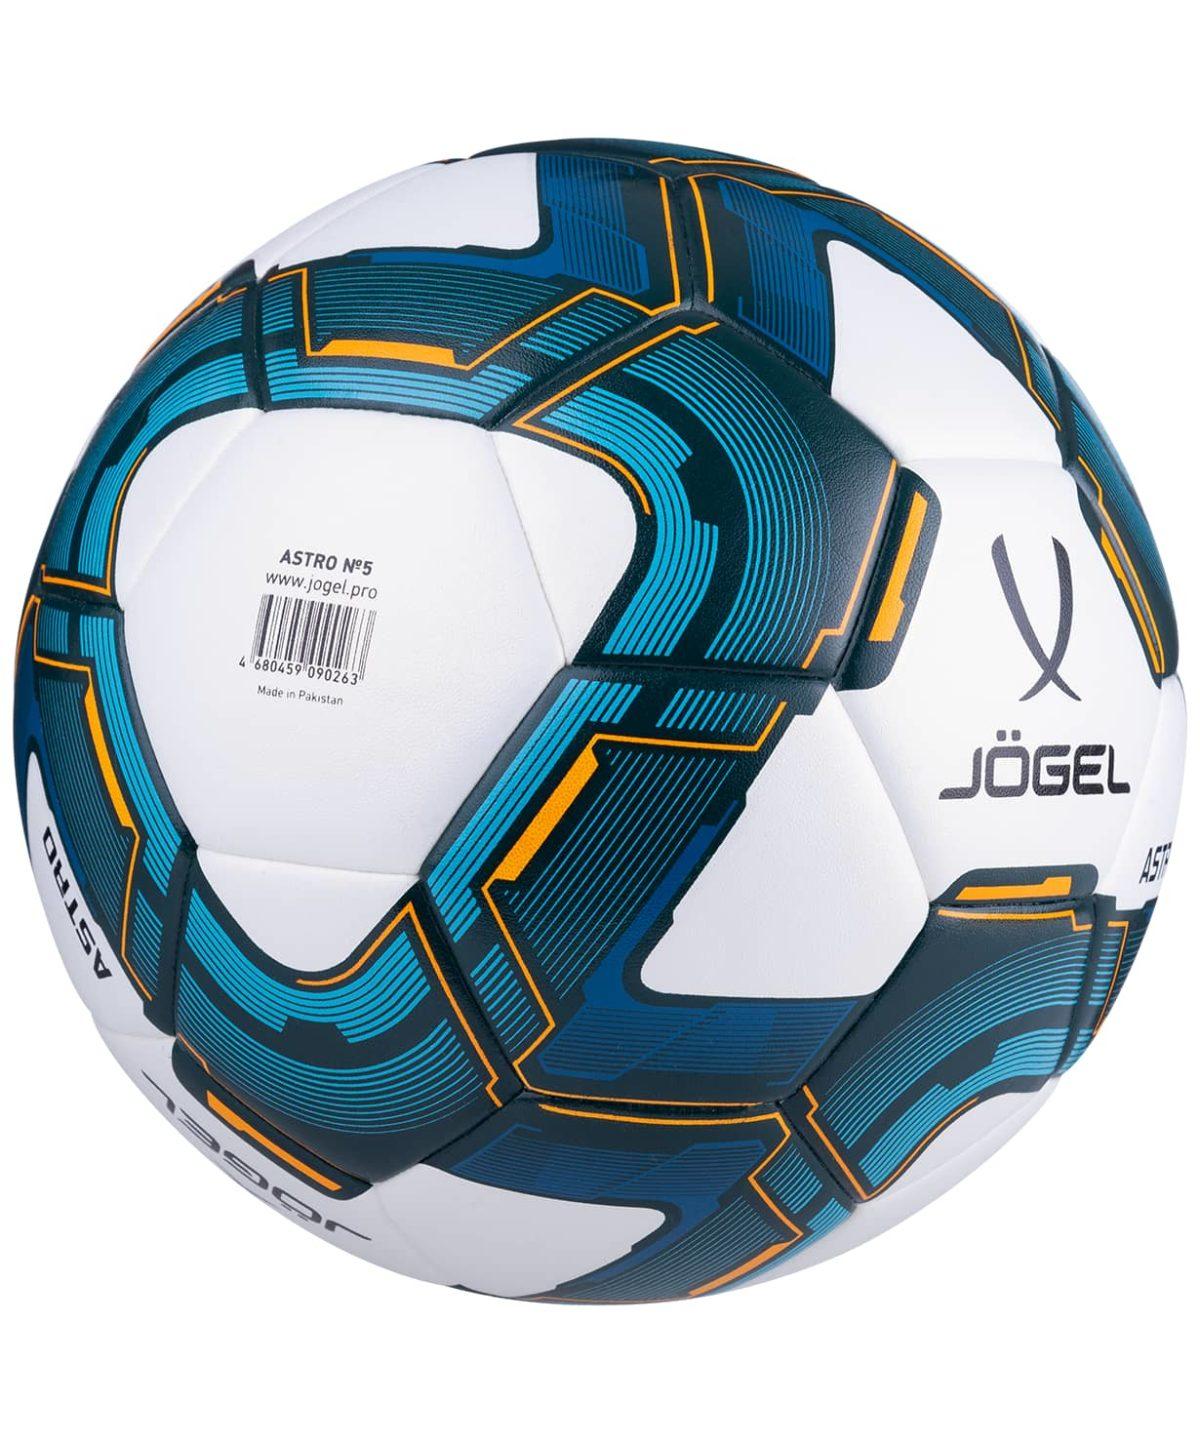 JOGEL Astro Мяч футбольный  Astro №5 (BC20) - 4